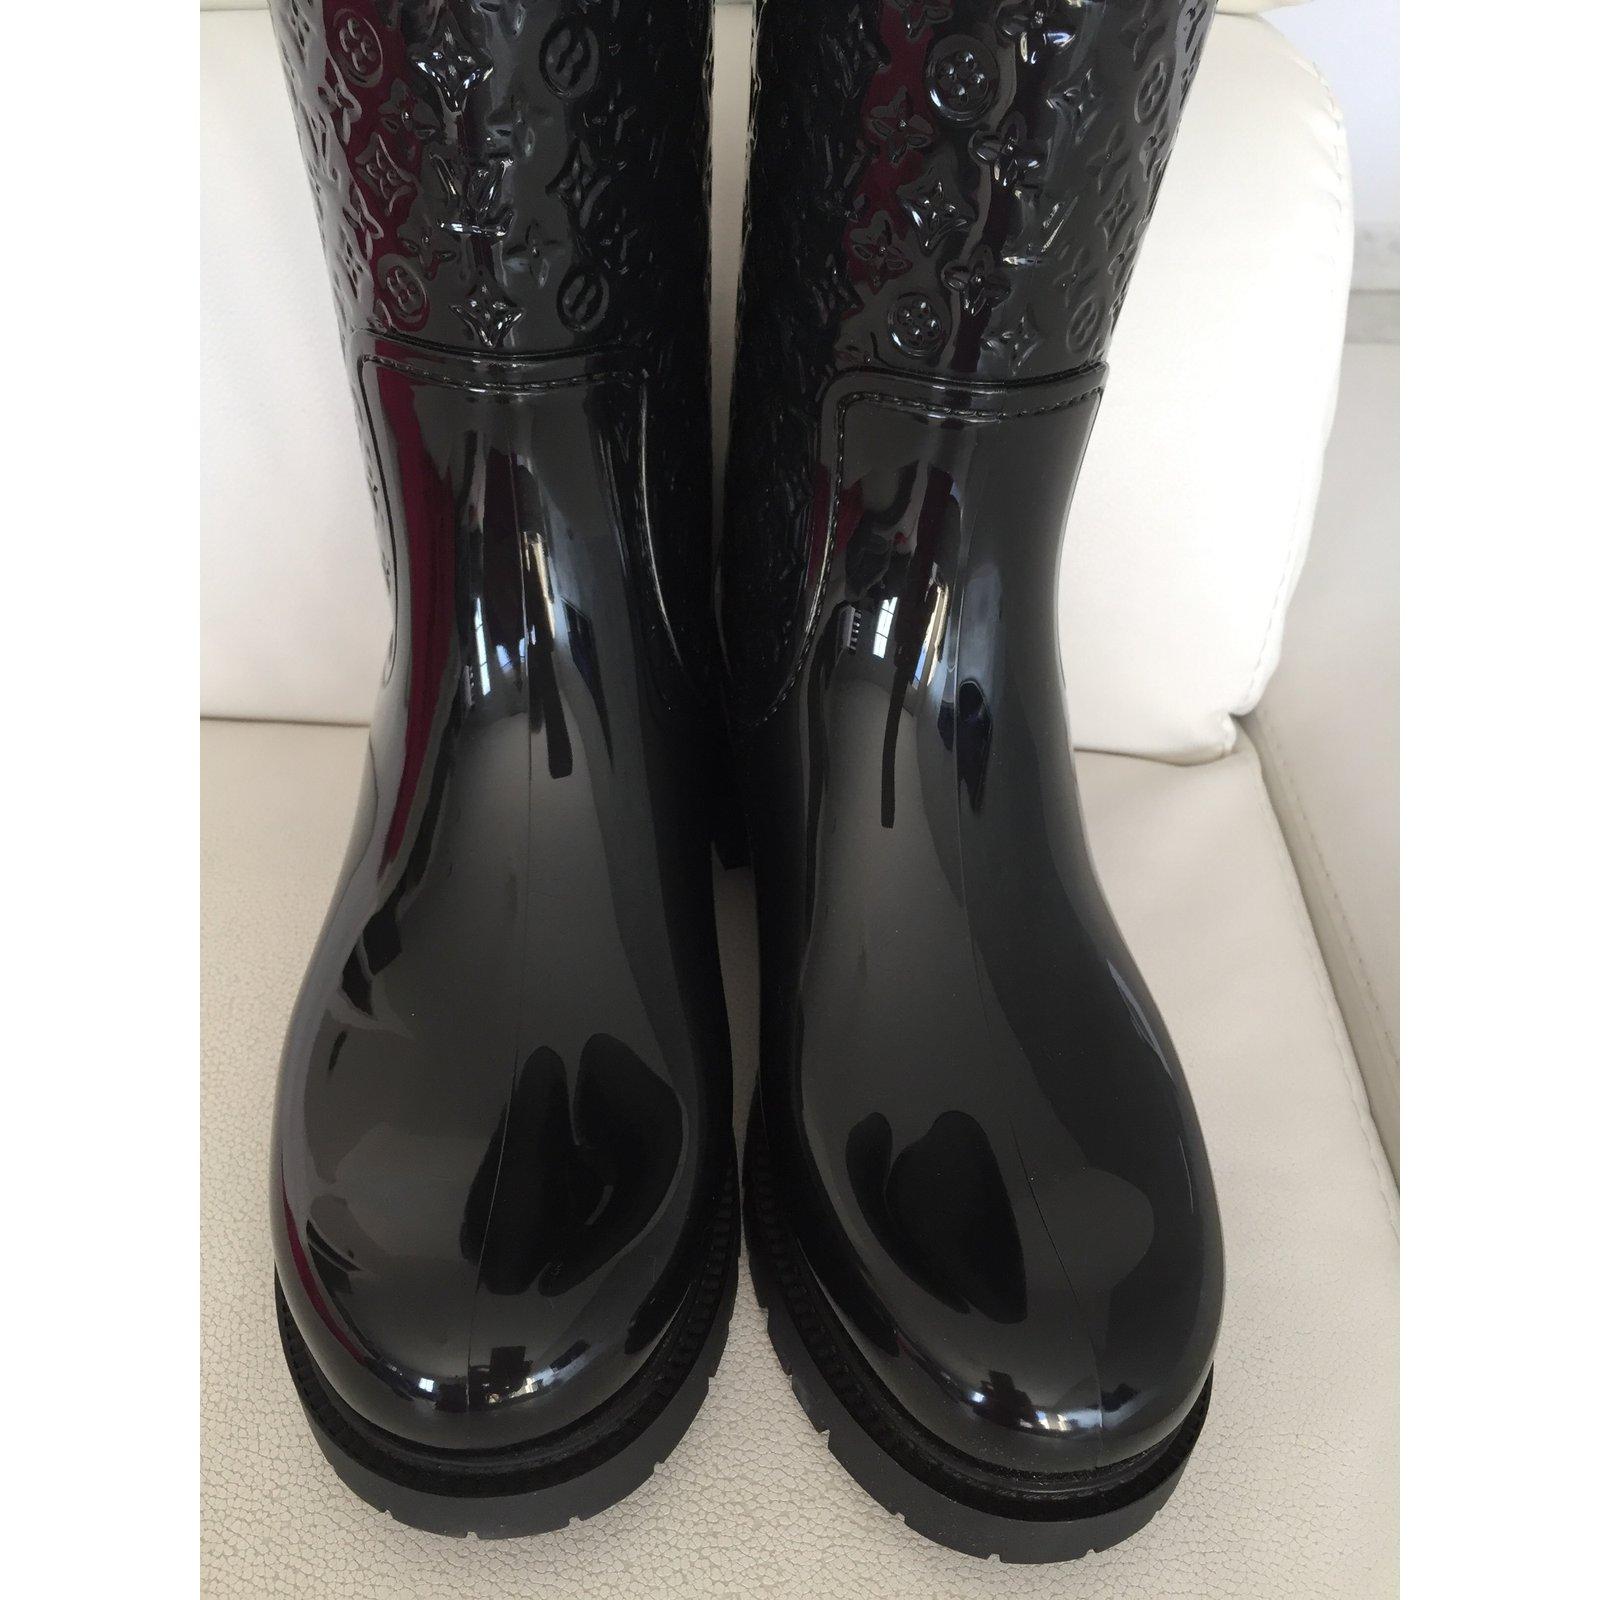 ... Chaussures femme Louis Vuitton · Bottes Louis Vuitton · Facebook · Pin  This a40c4932e8d